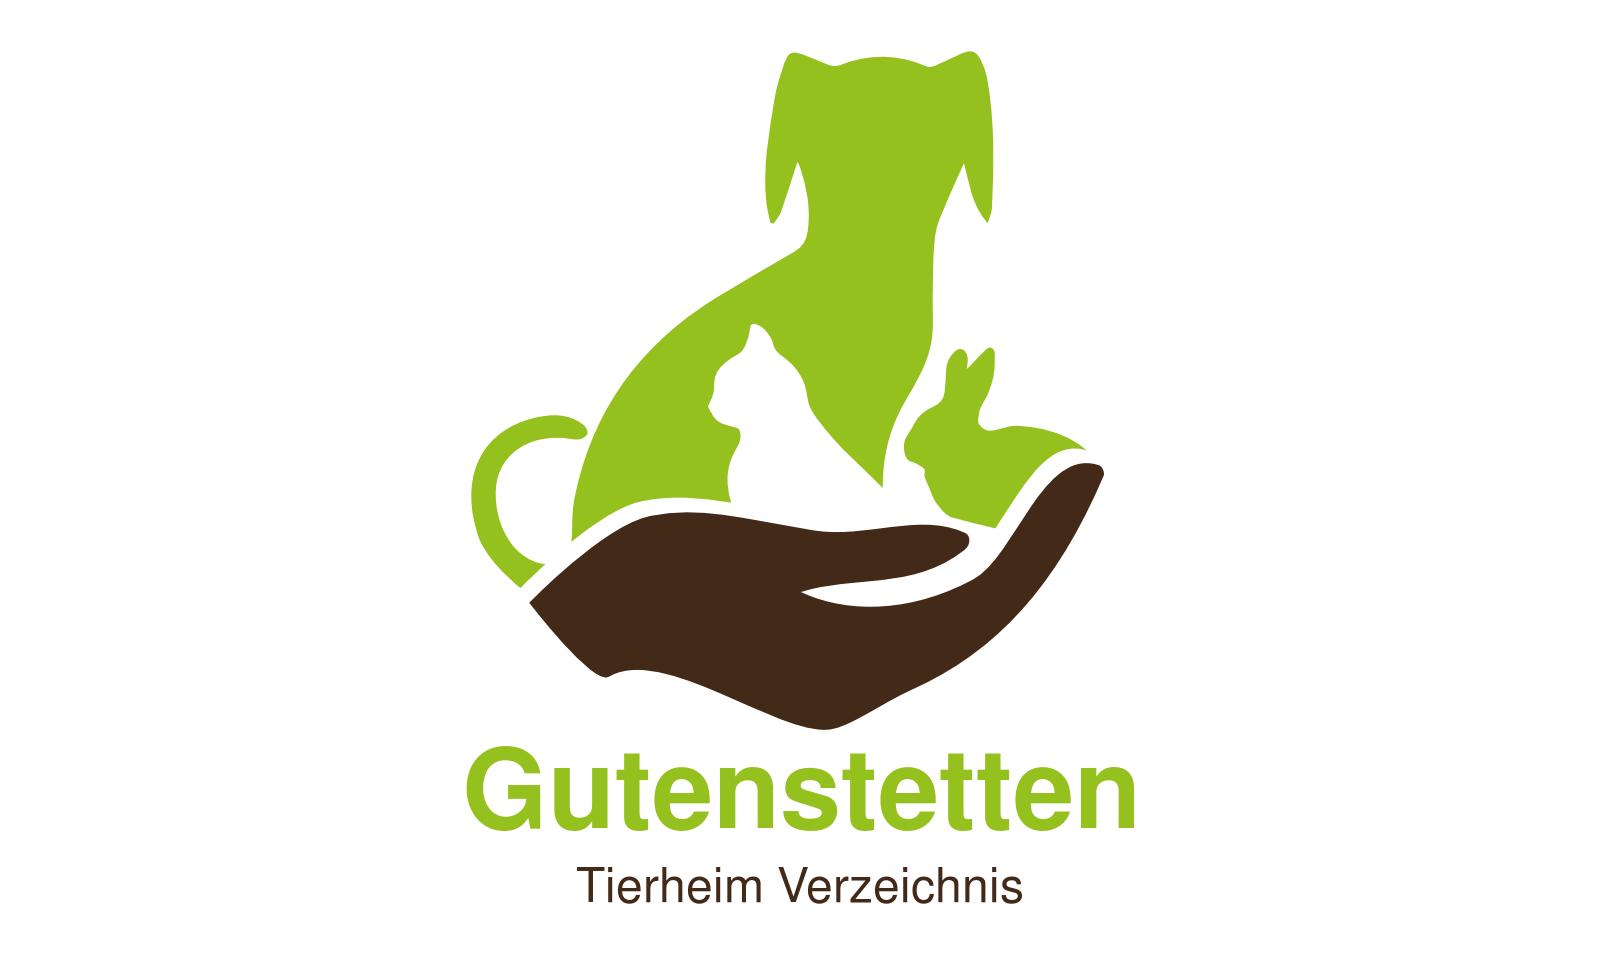 Tierheim Gutenstetten